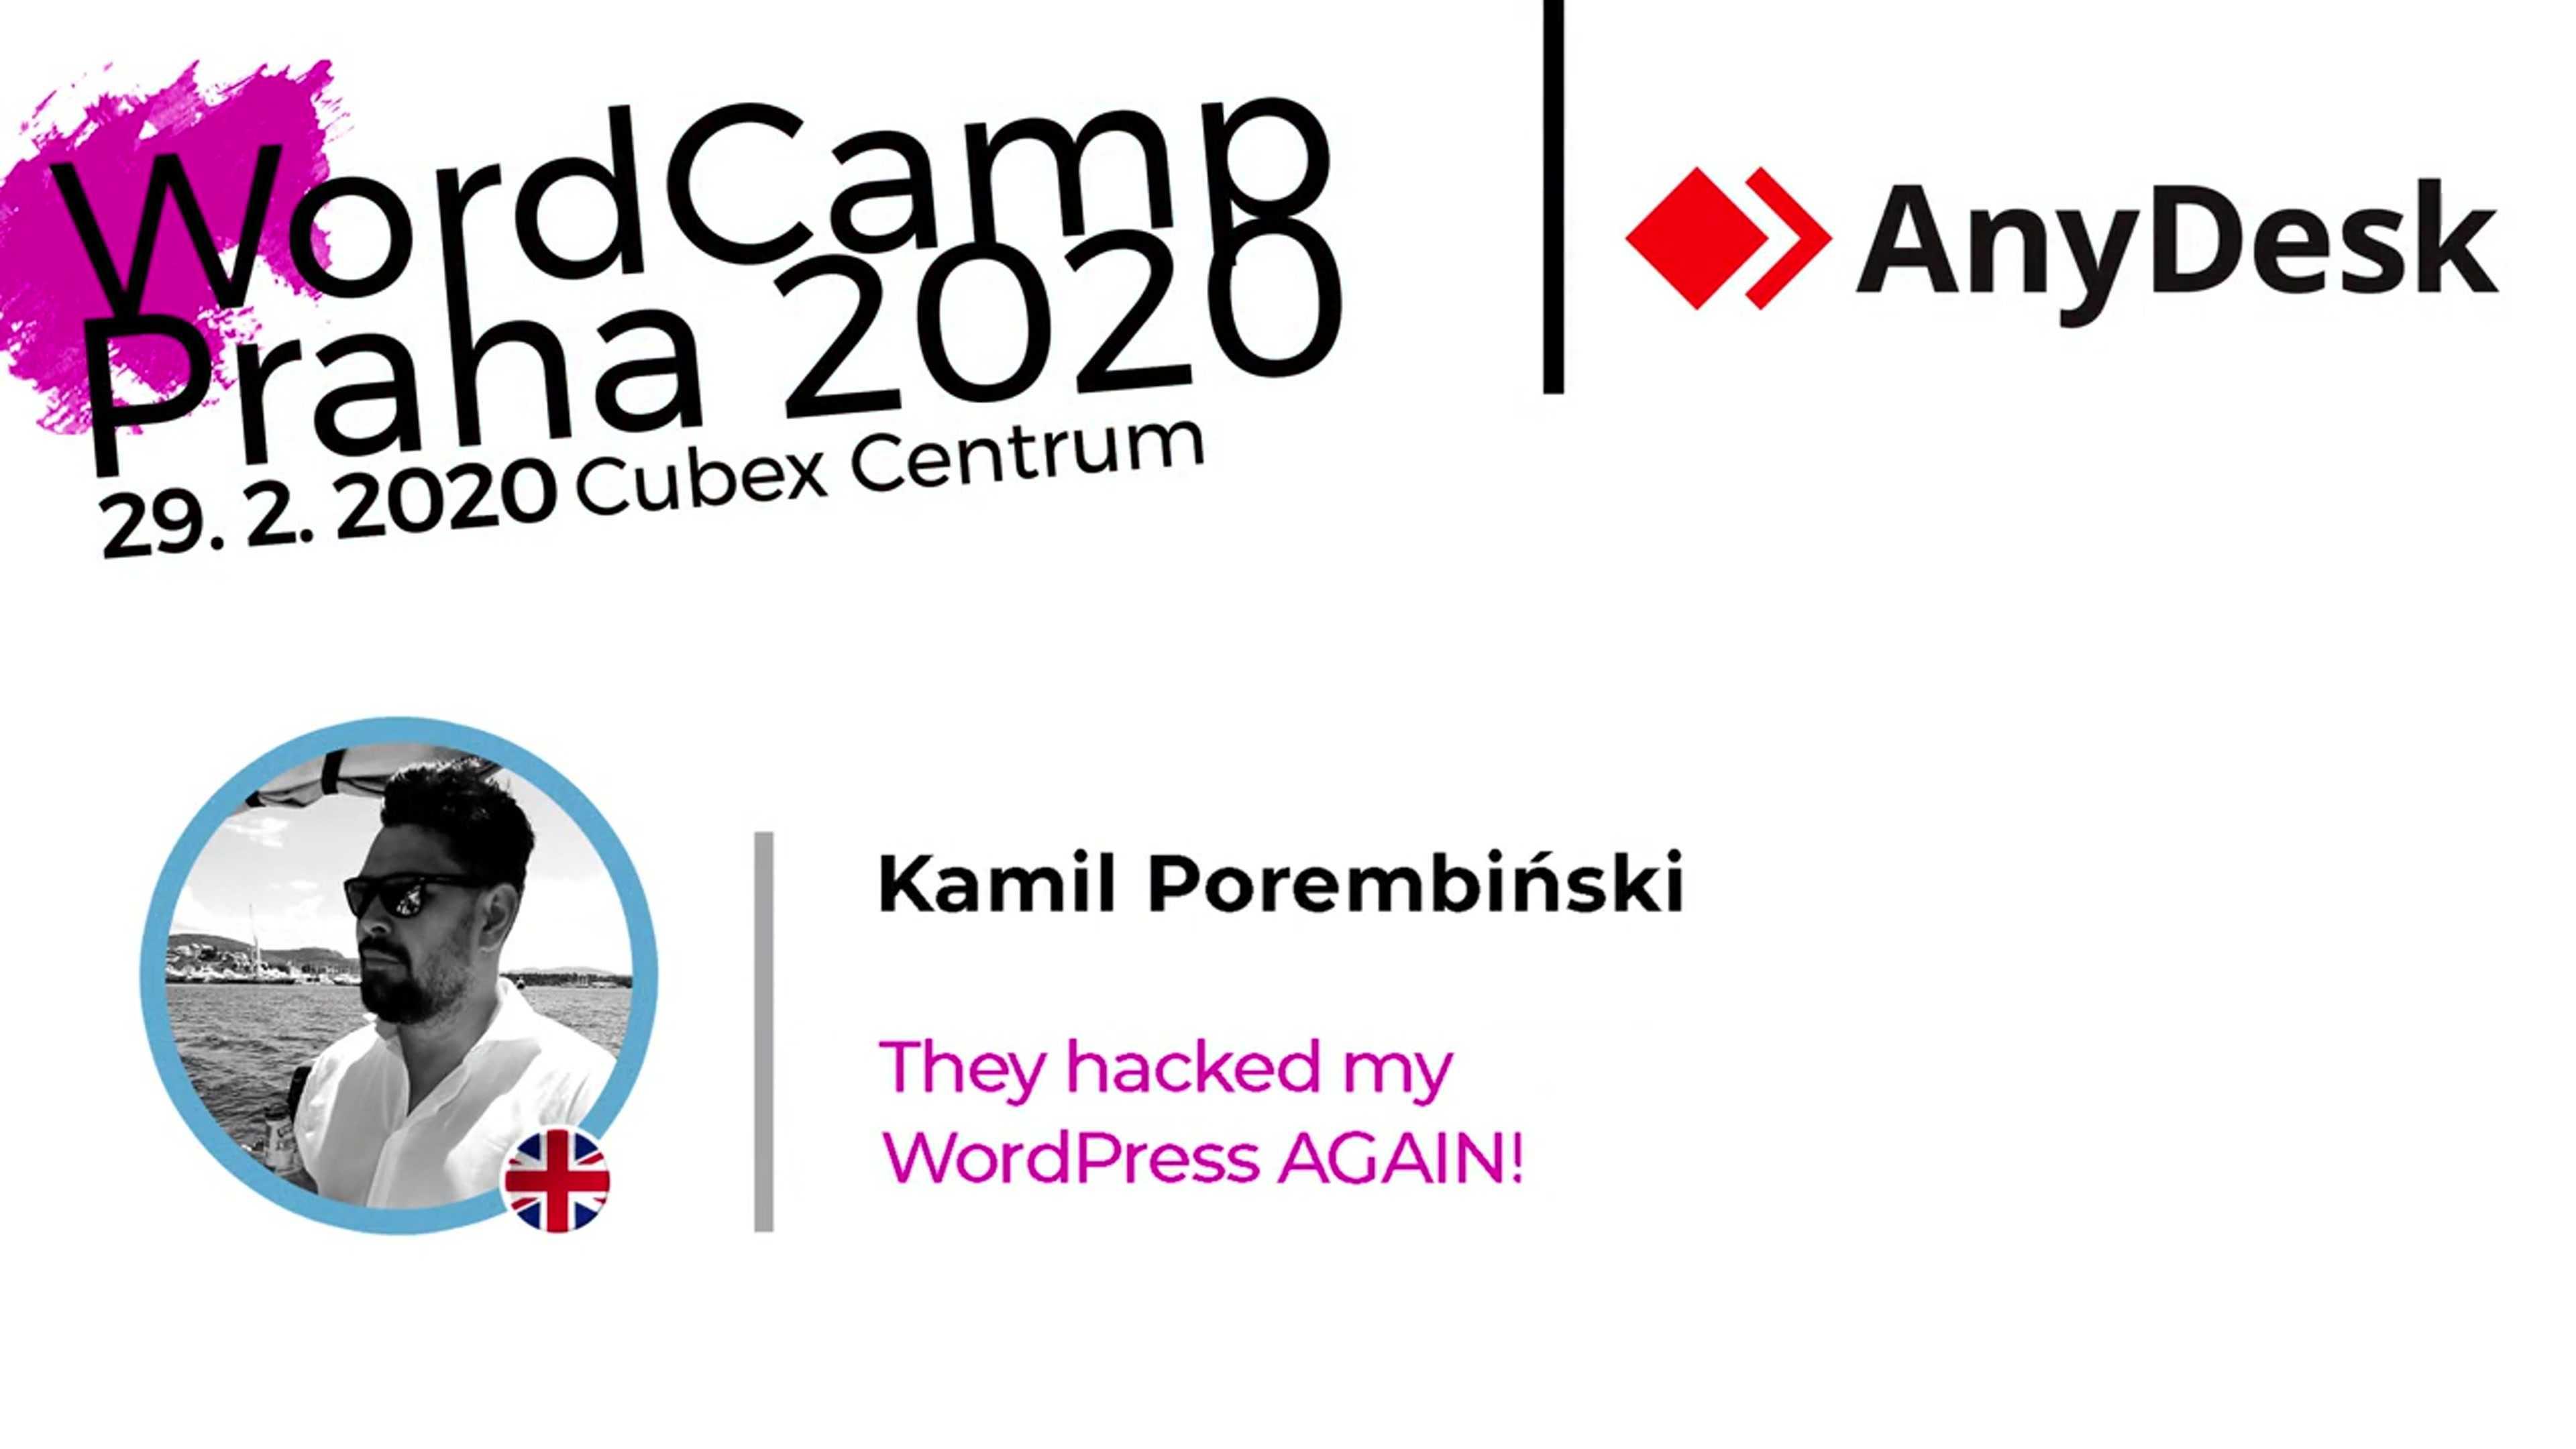 Kamil Porembiński: They Hacked My WordPress AGAIN!